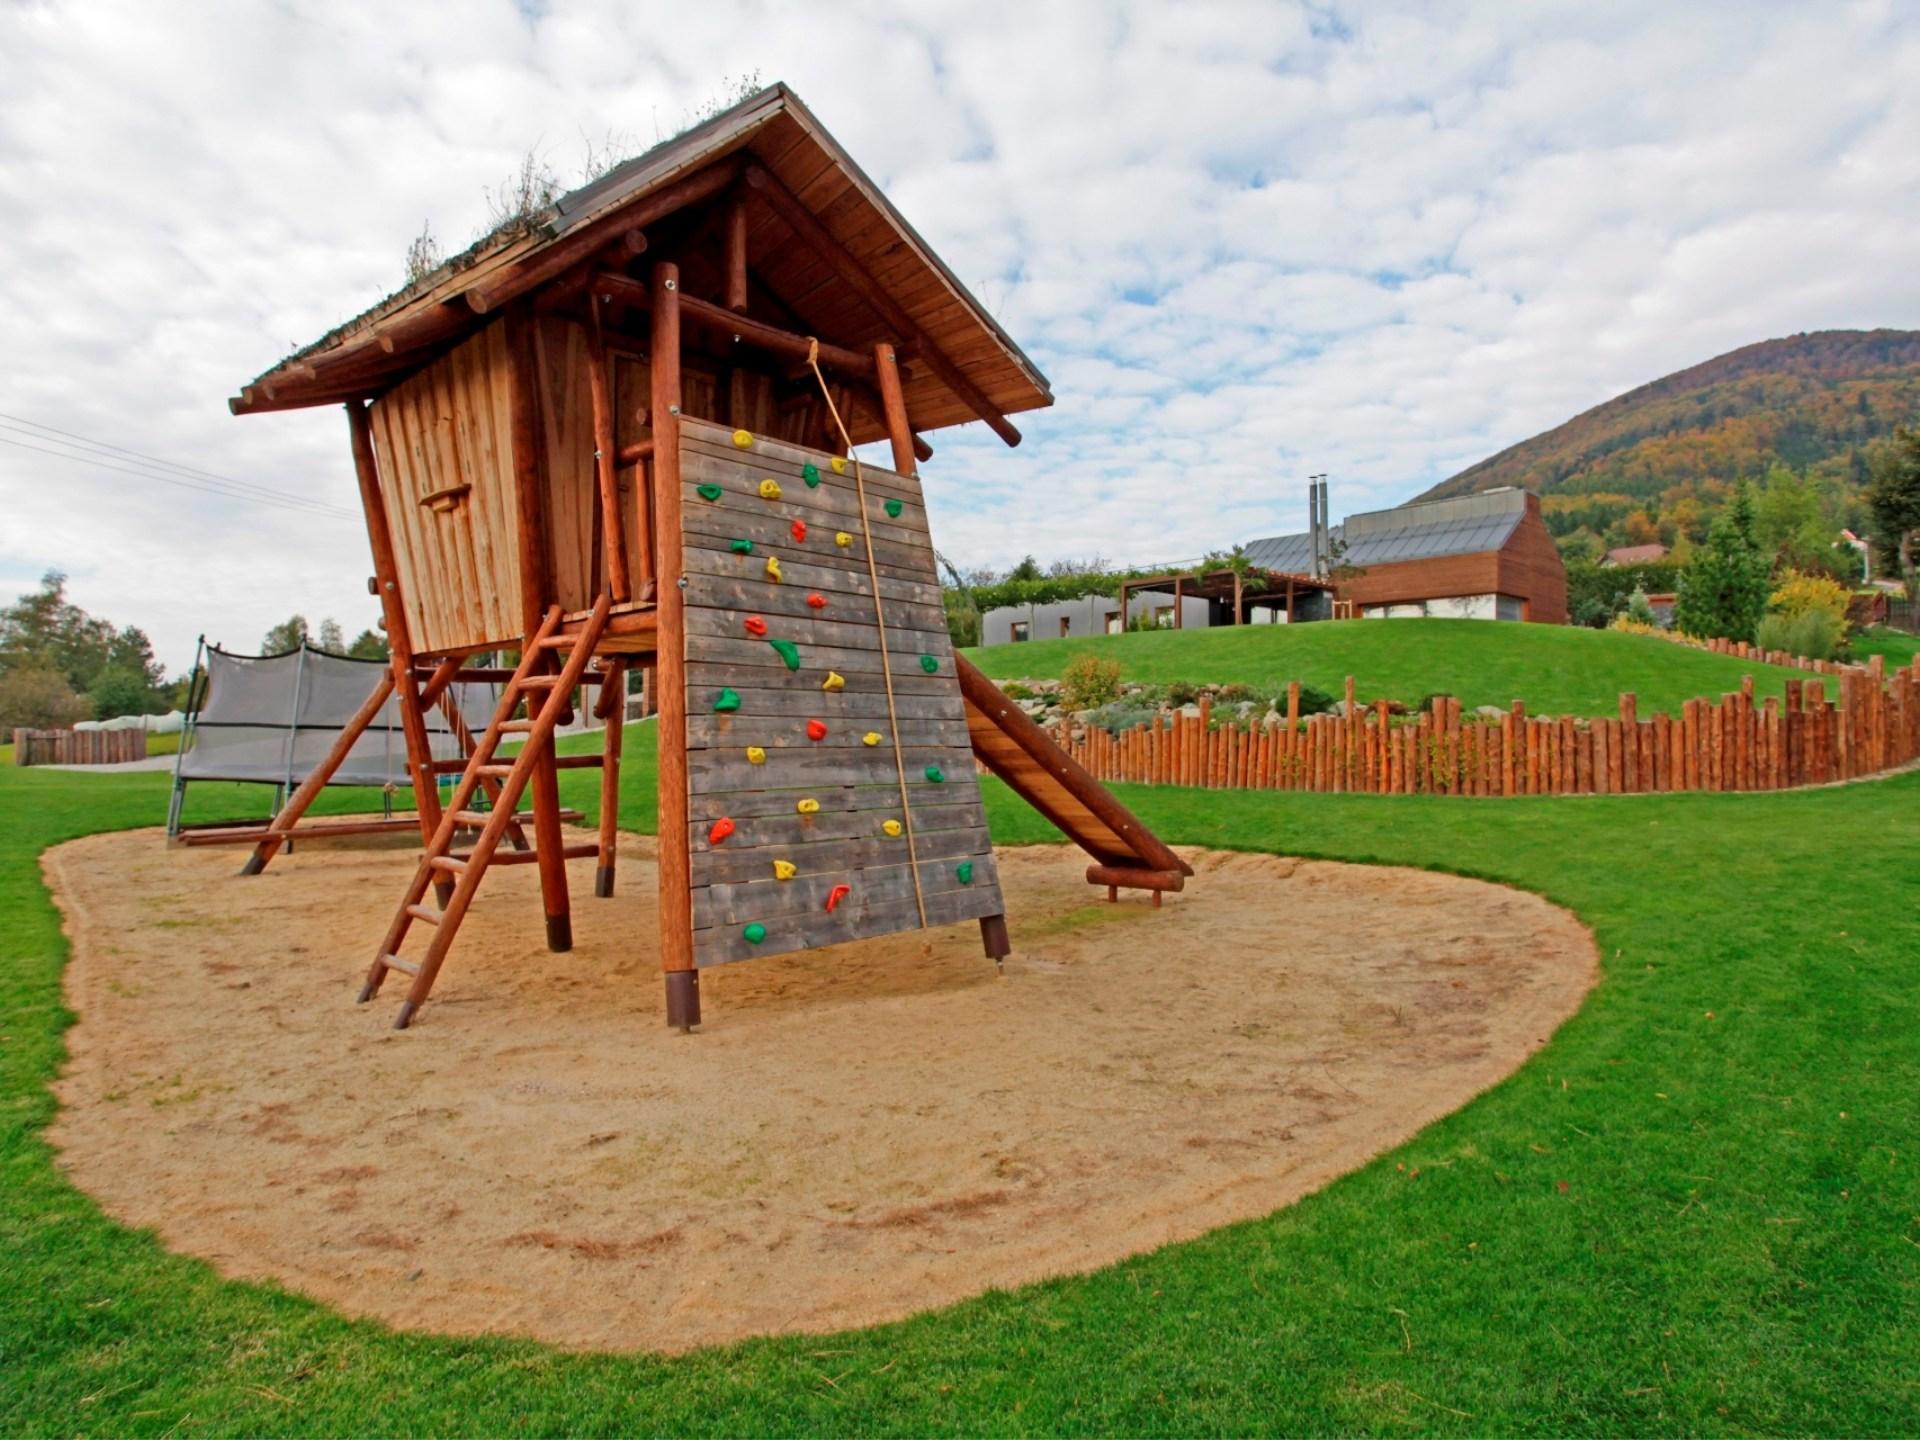 Dětská hřiště, Jungle Gym, prolézačky, klouzačky